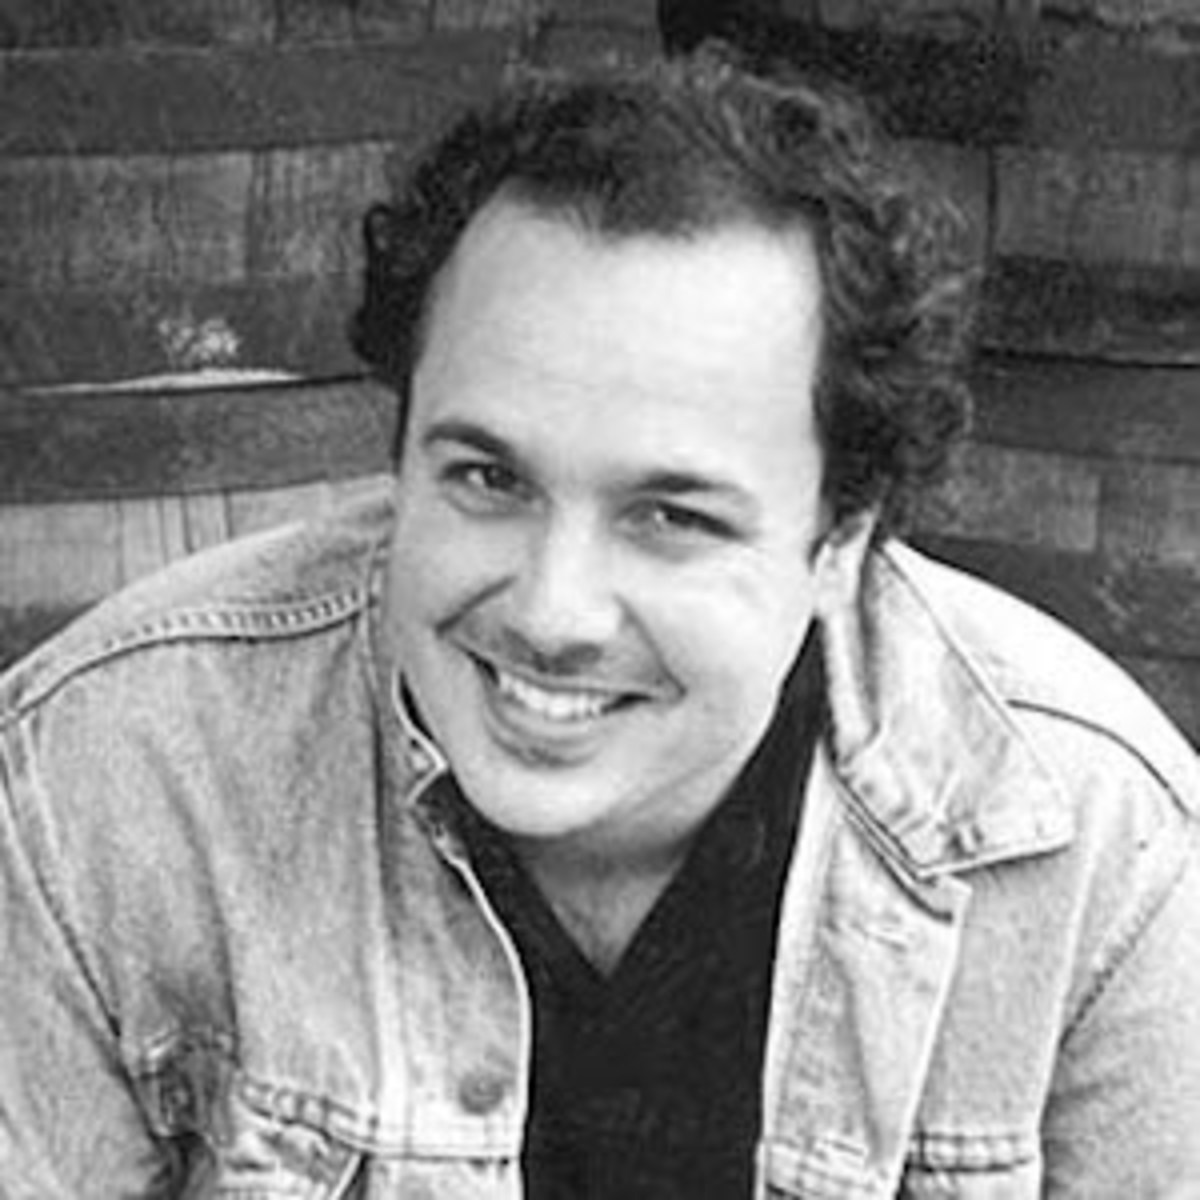 Paul Peditto